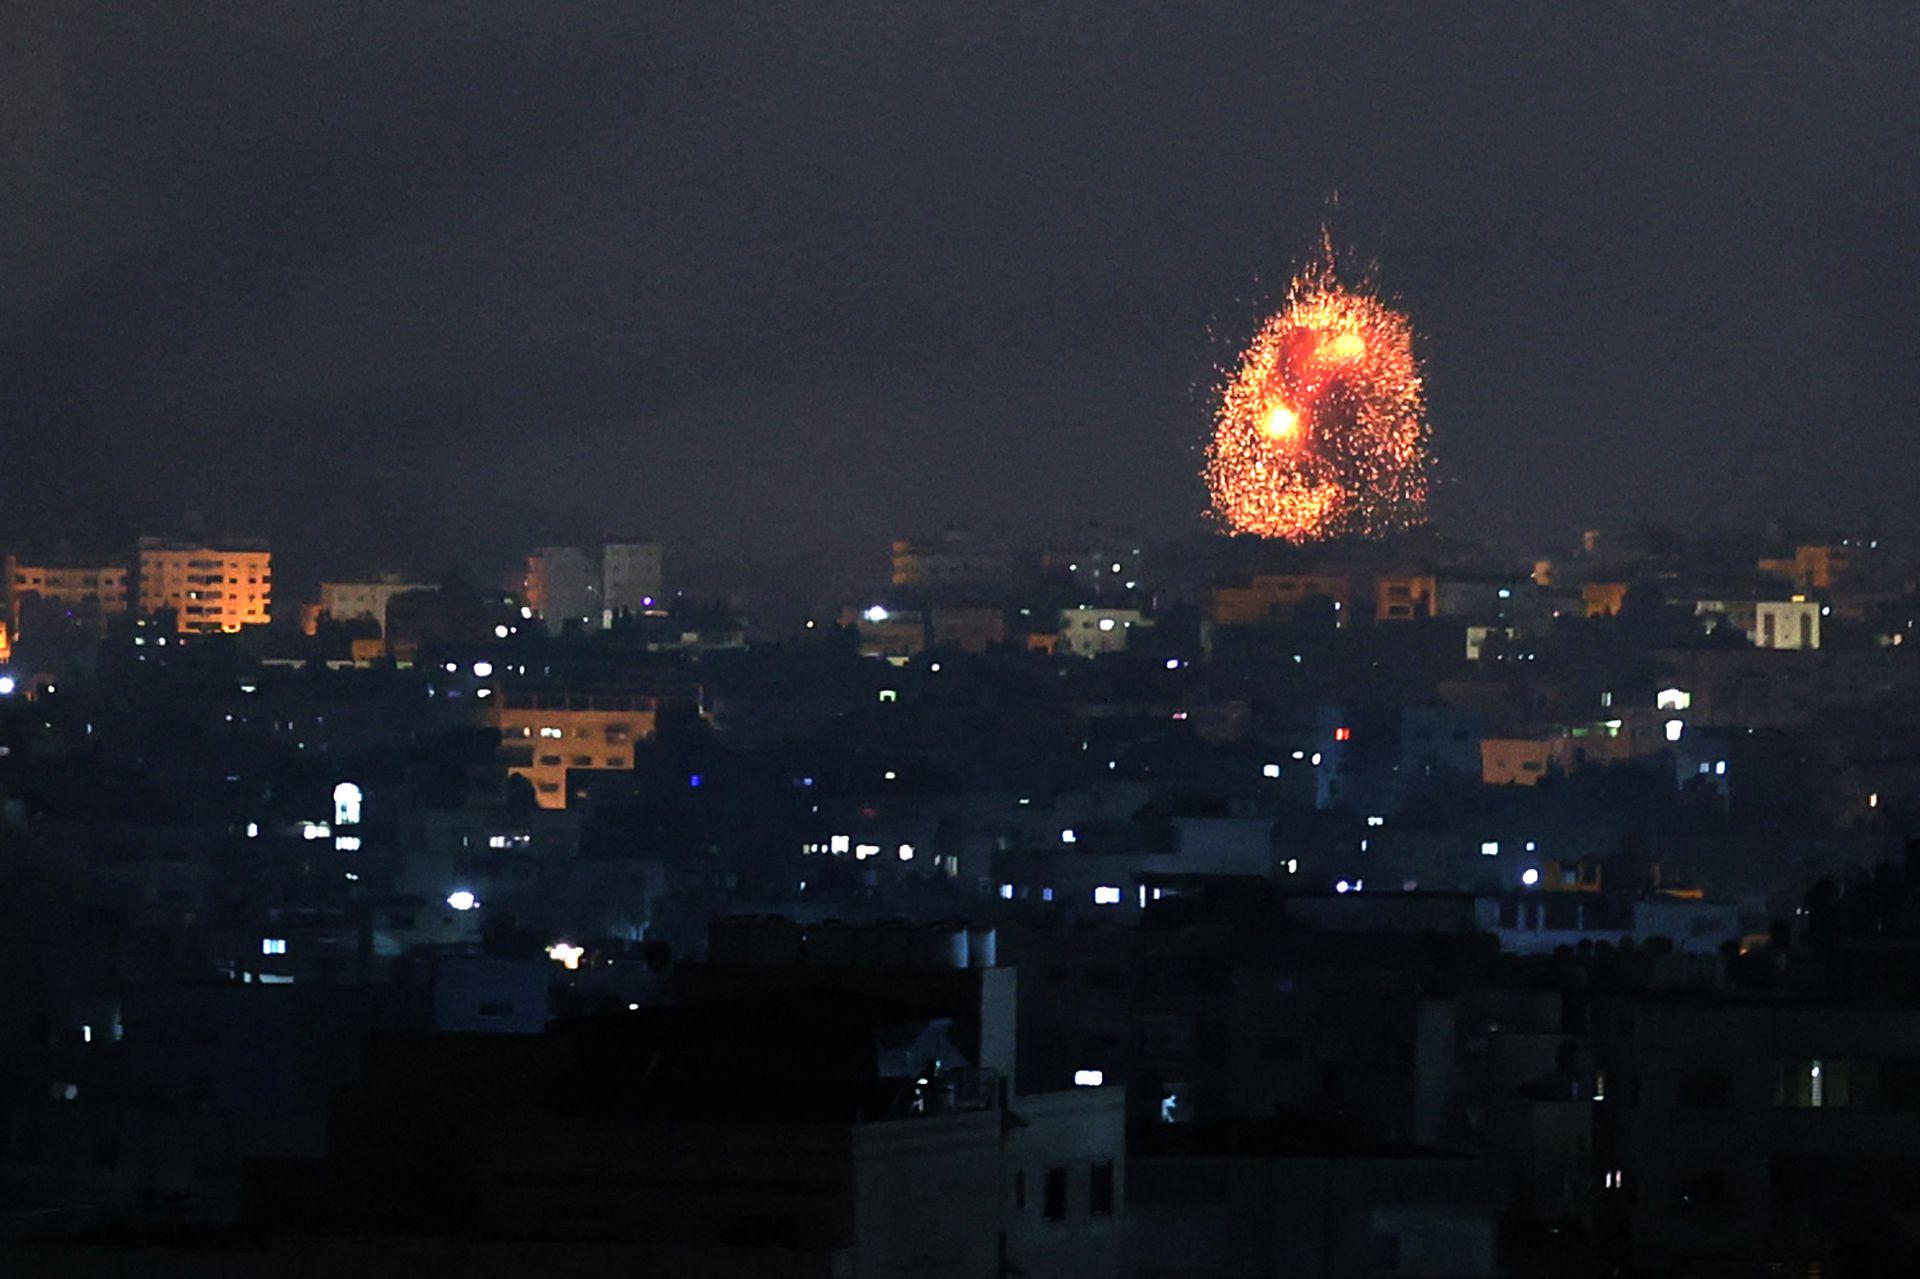 Una explosión ilumina el cielo tras un ataque aéreo israelí en Beit Lahia, en el norte de Gaza